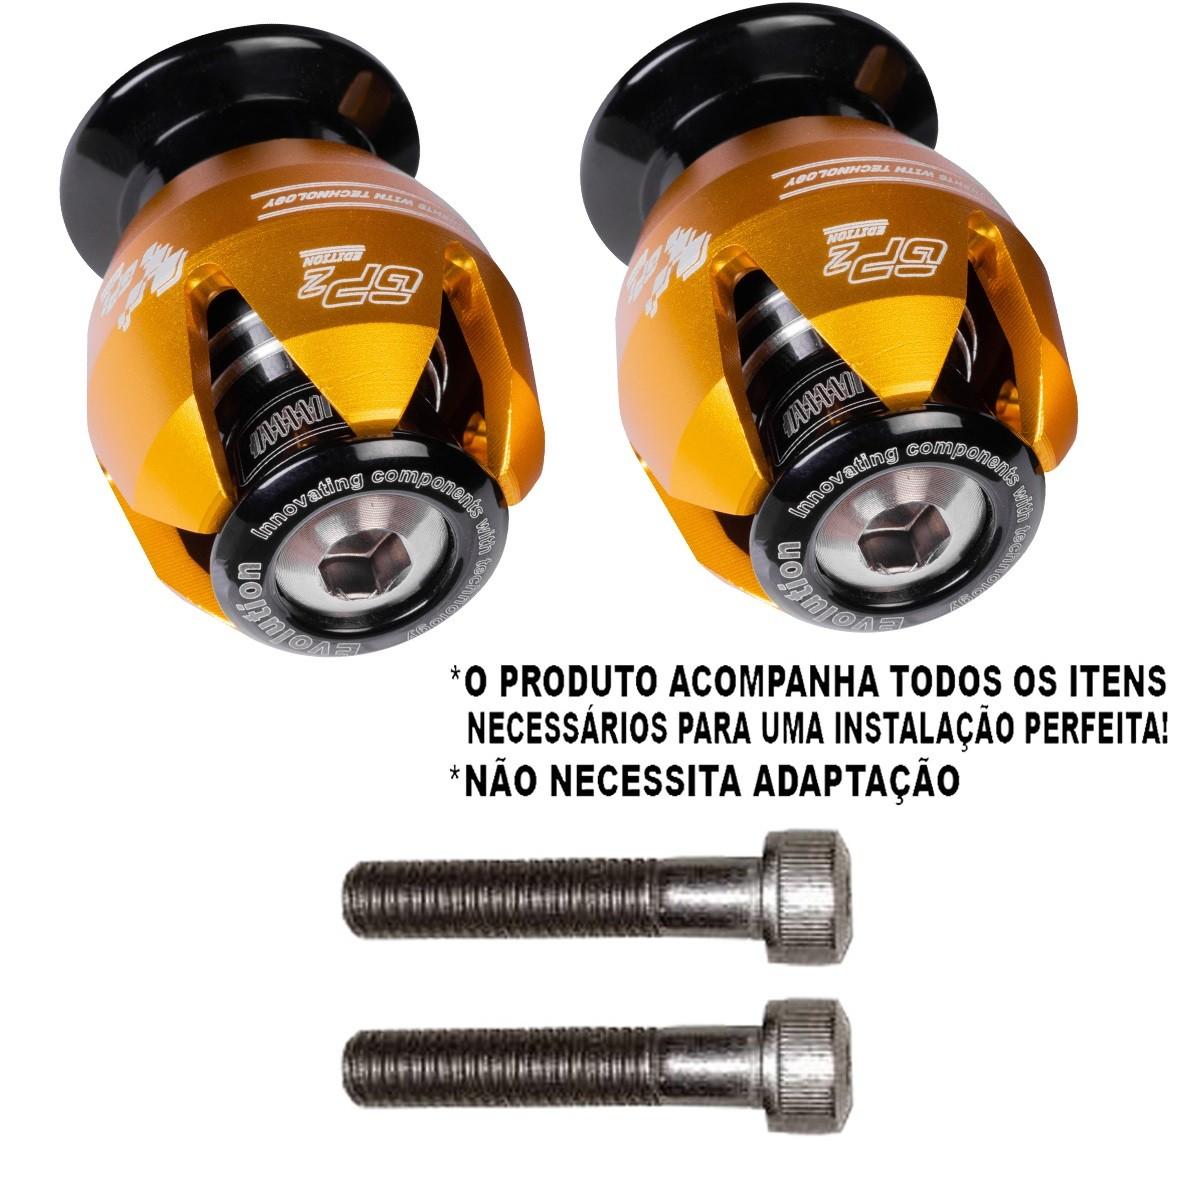 Slider traseiro s1000rr 2009 2010 2011 2012 2013 2014 2015 2016 balança bmw gp2 edition